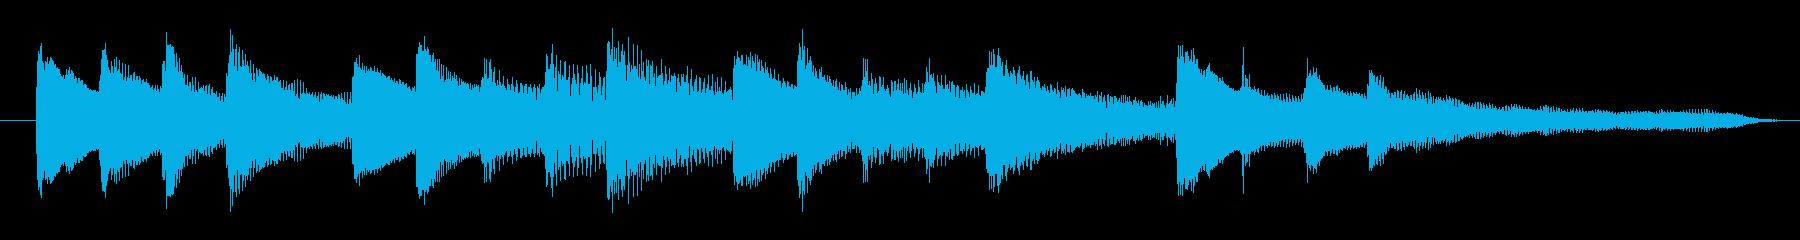 ゆったりした感動的なピアノのジングルの再生済みの波形